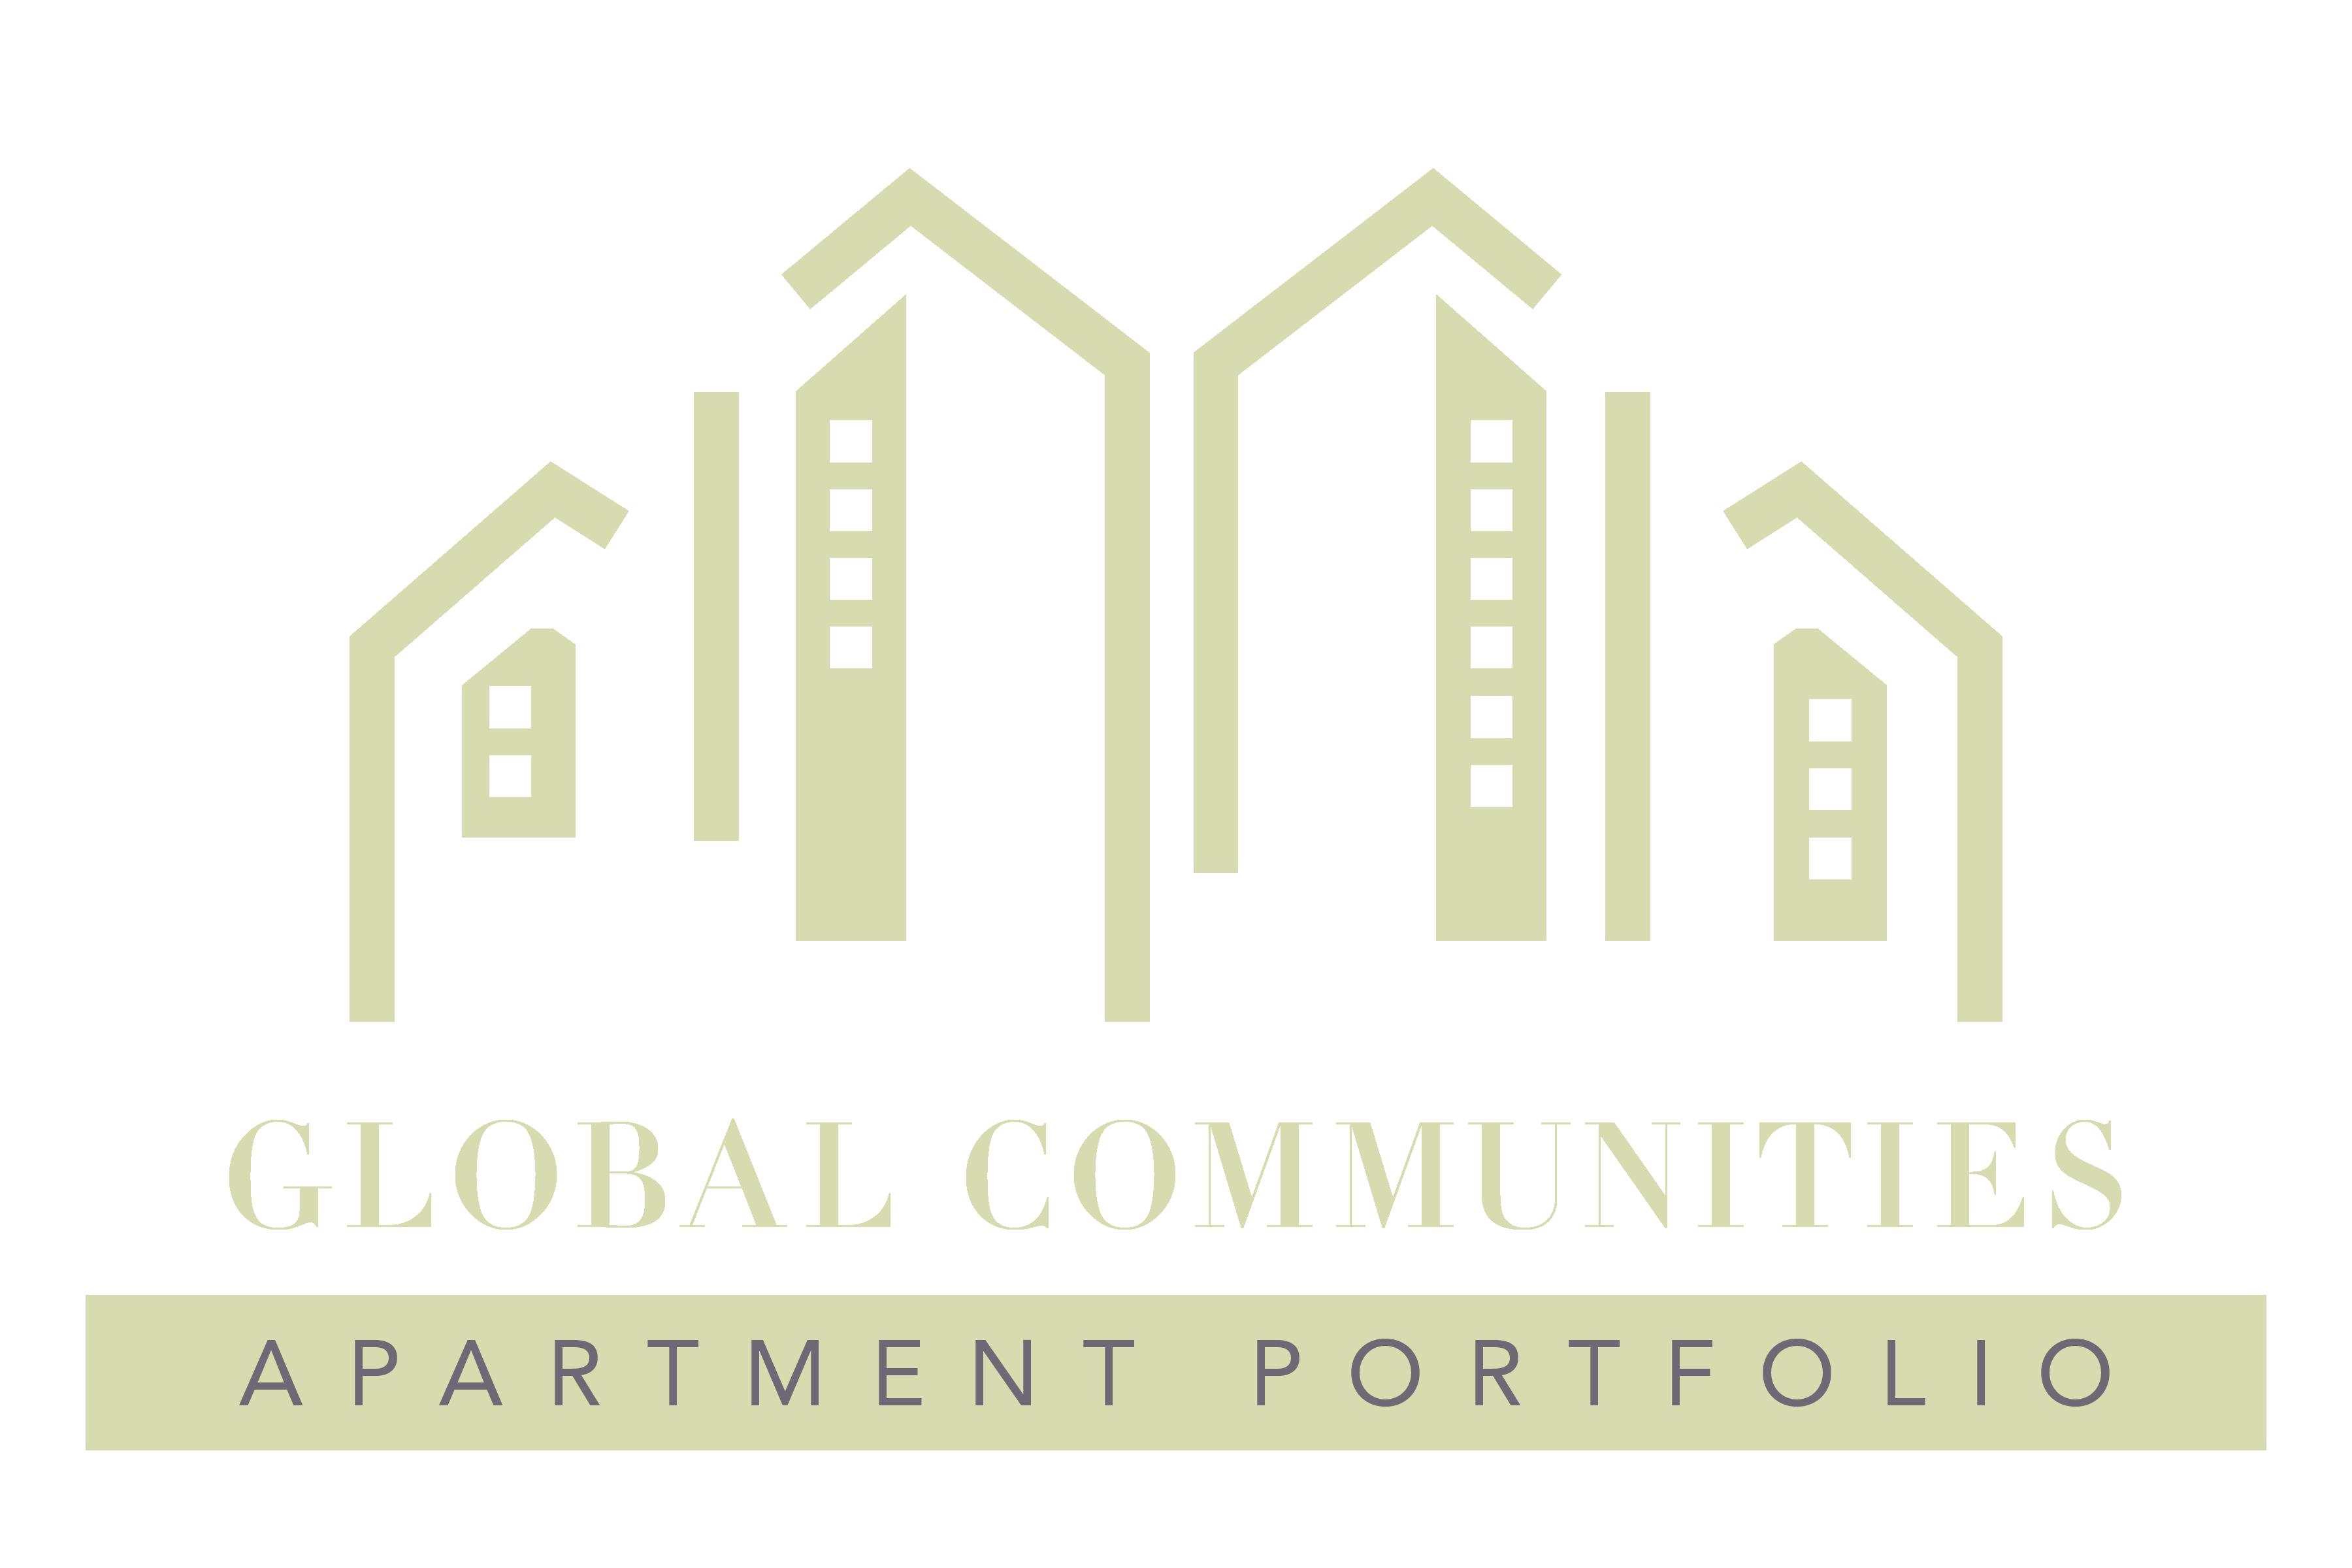 Global Communities Apartment Portfolio